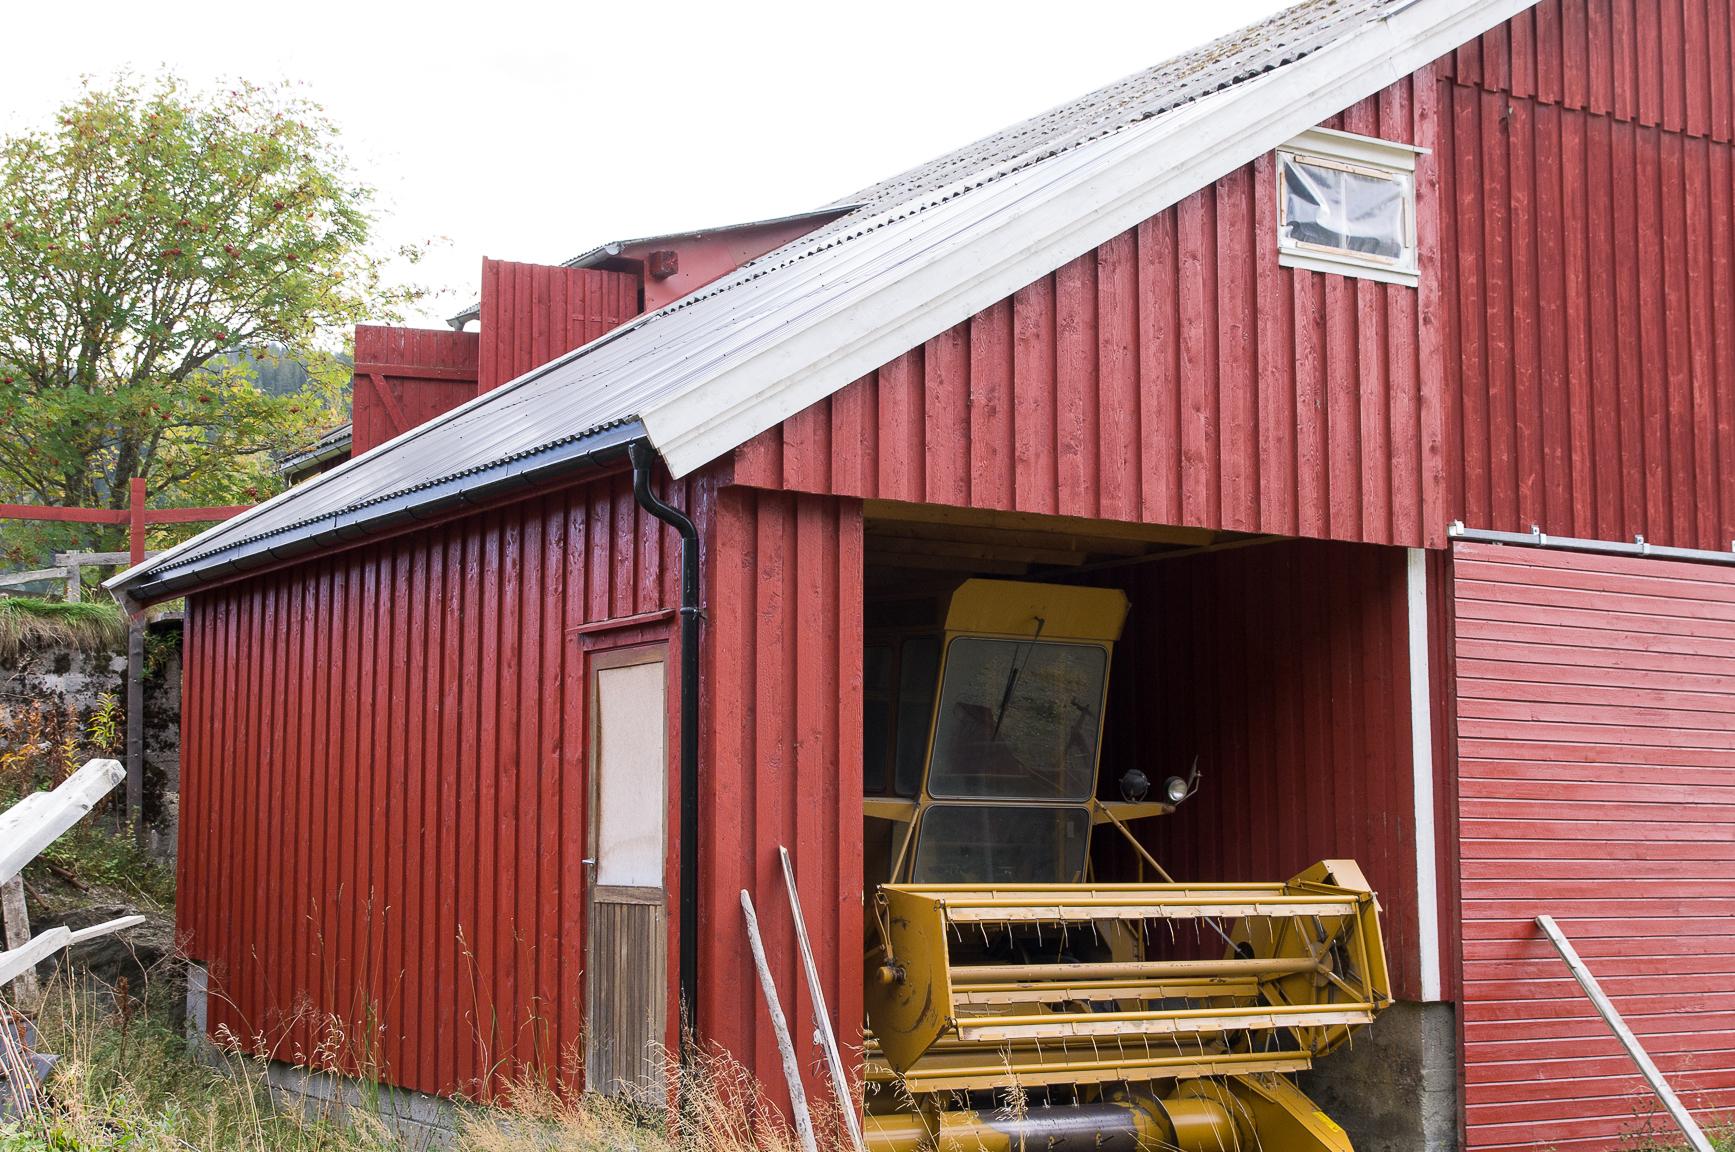 Tilbygg på redskapshus for landbruk